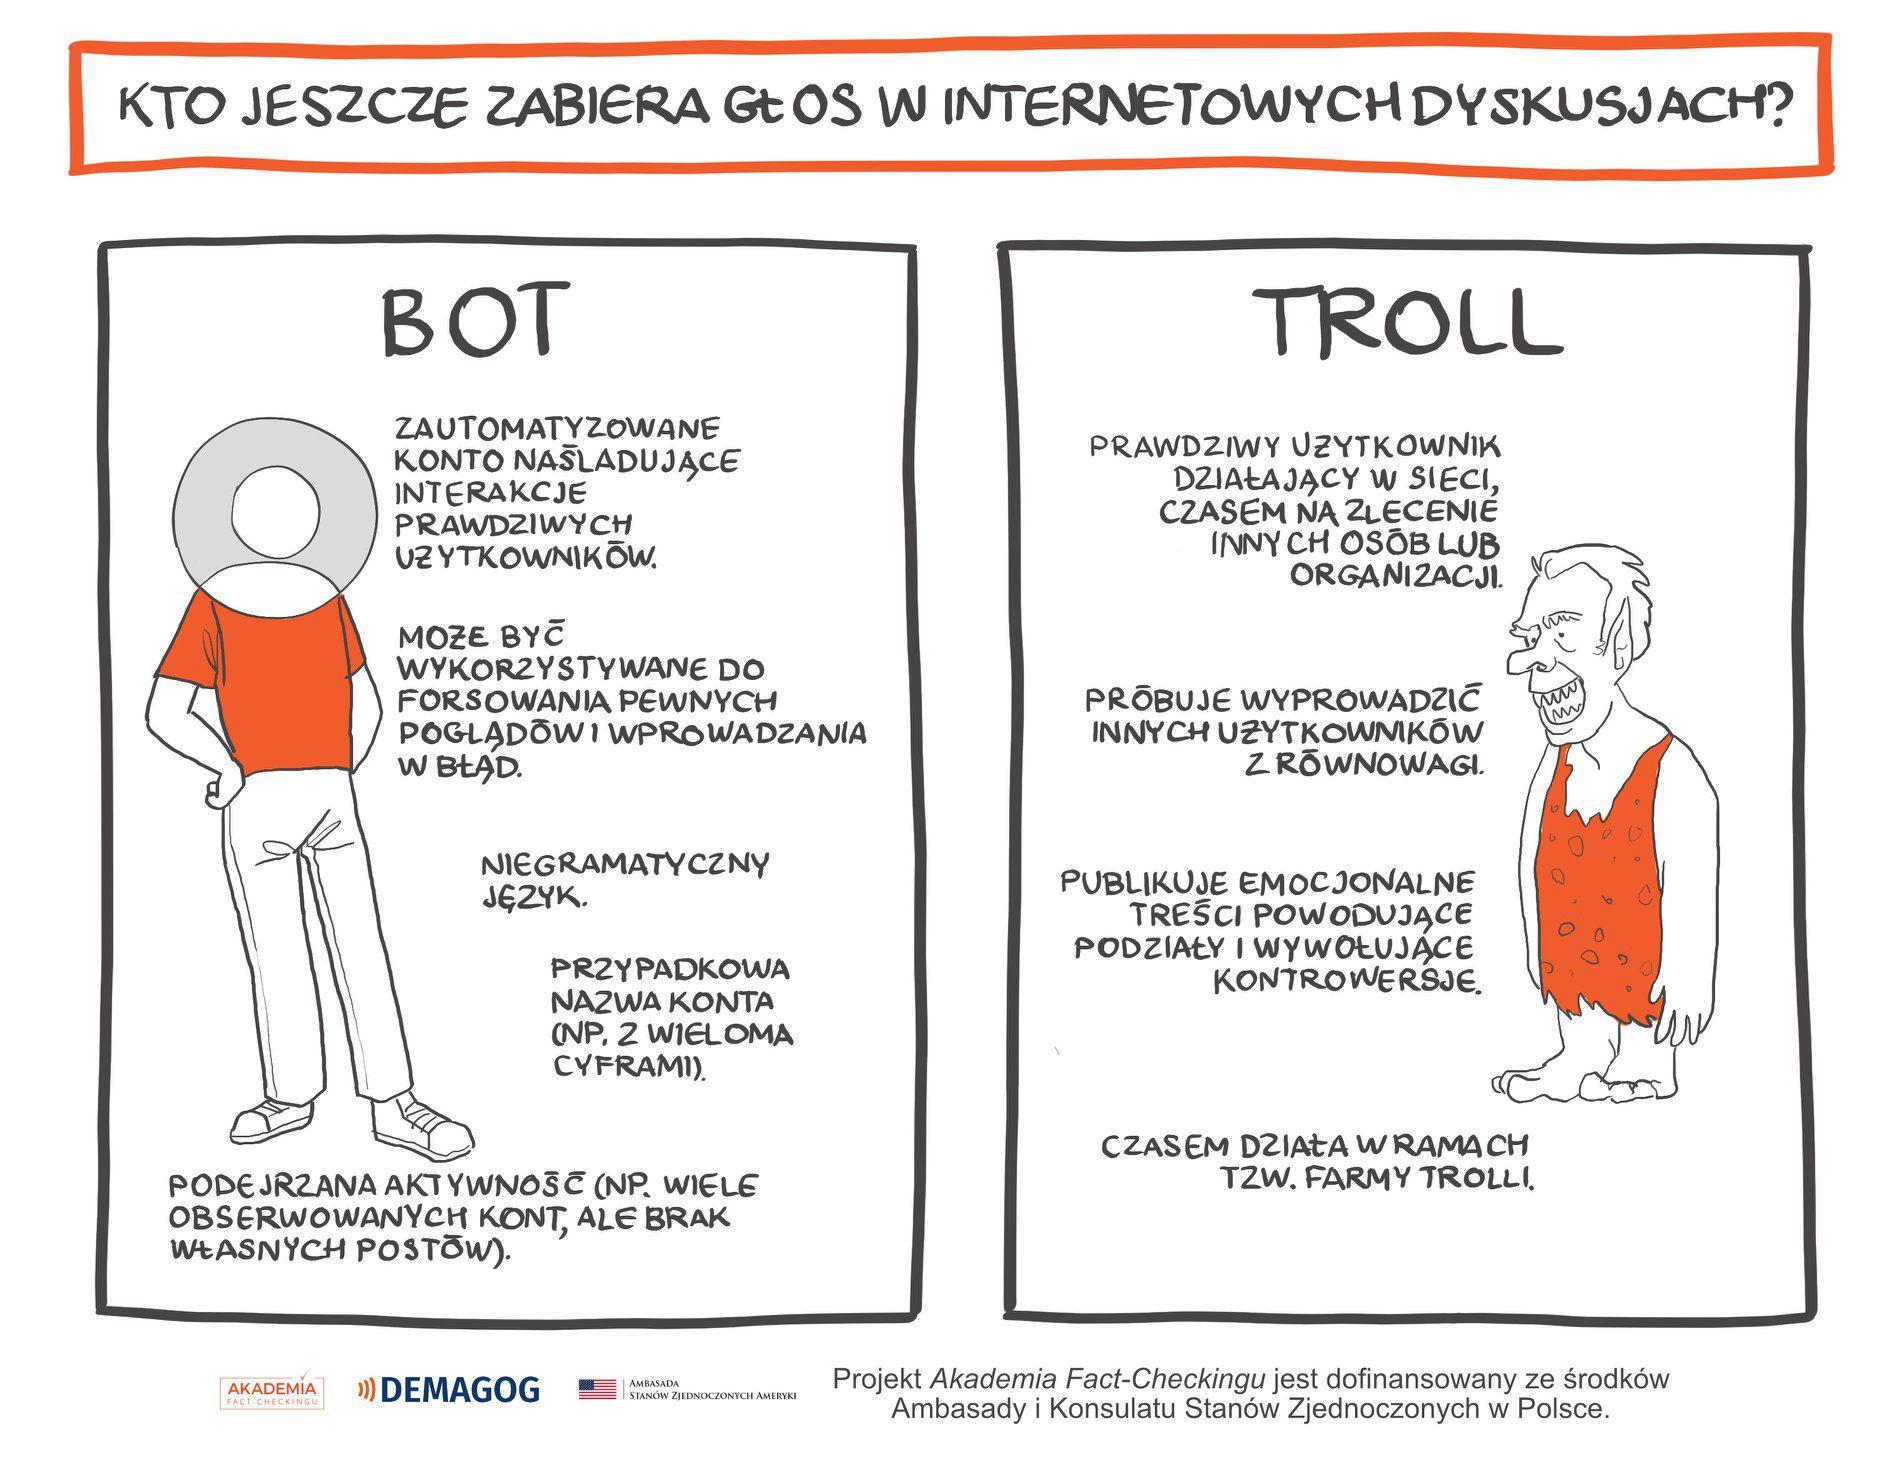 """Grafika pt. """"Kto jeszcze zabiera głos winternetowych dyskusjach?"""". Polewej stronie widzimy anonimową postać zwaną botem (internetowym robotem działającym wramach zautomatyzowanych działań), apo prawej trolla (prawdziwego użytkownika, który wprowadza innych celowo wbłąd lubwyprowadza innych zrównowagi)."""